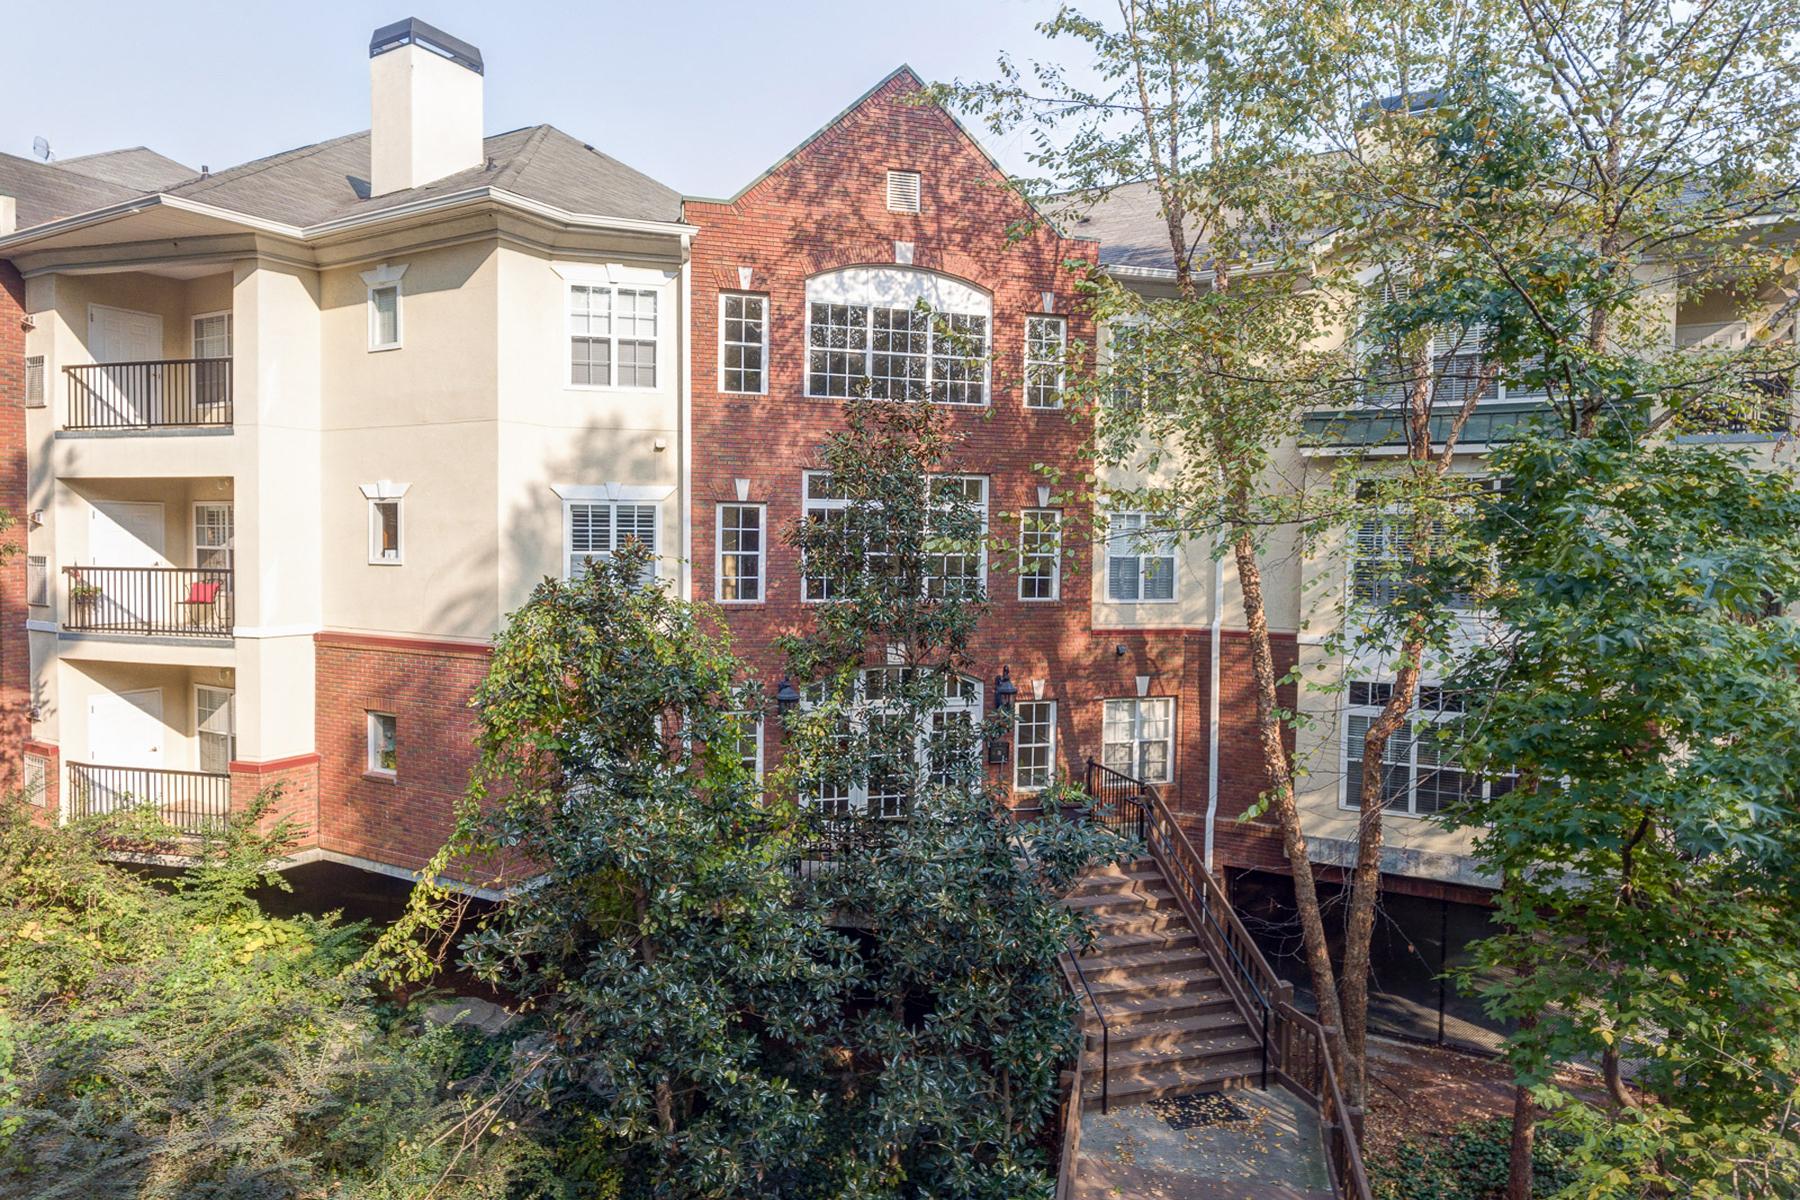 共管式独立产权公寓 为 销售 在 Charming Traditional Condo In The Heart Of Buckhead 424 Lindbergh Drive NE Unit 210 亚特兰大, 乔治亚州, 30305 美国